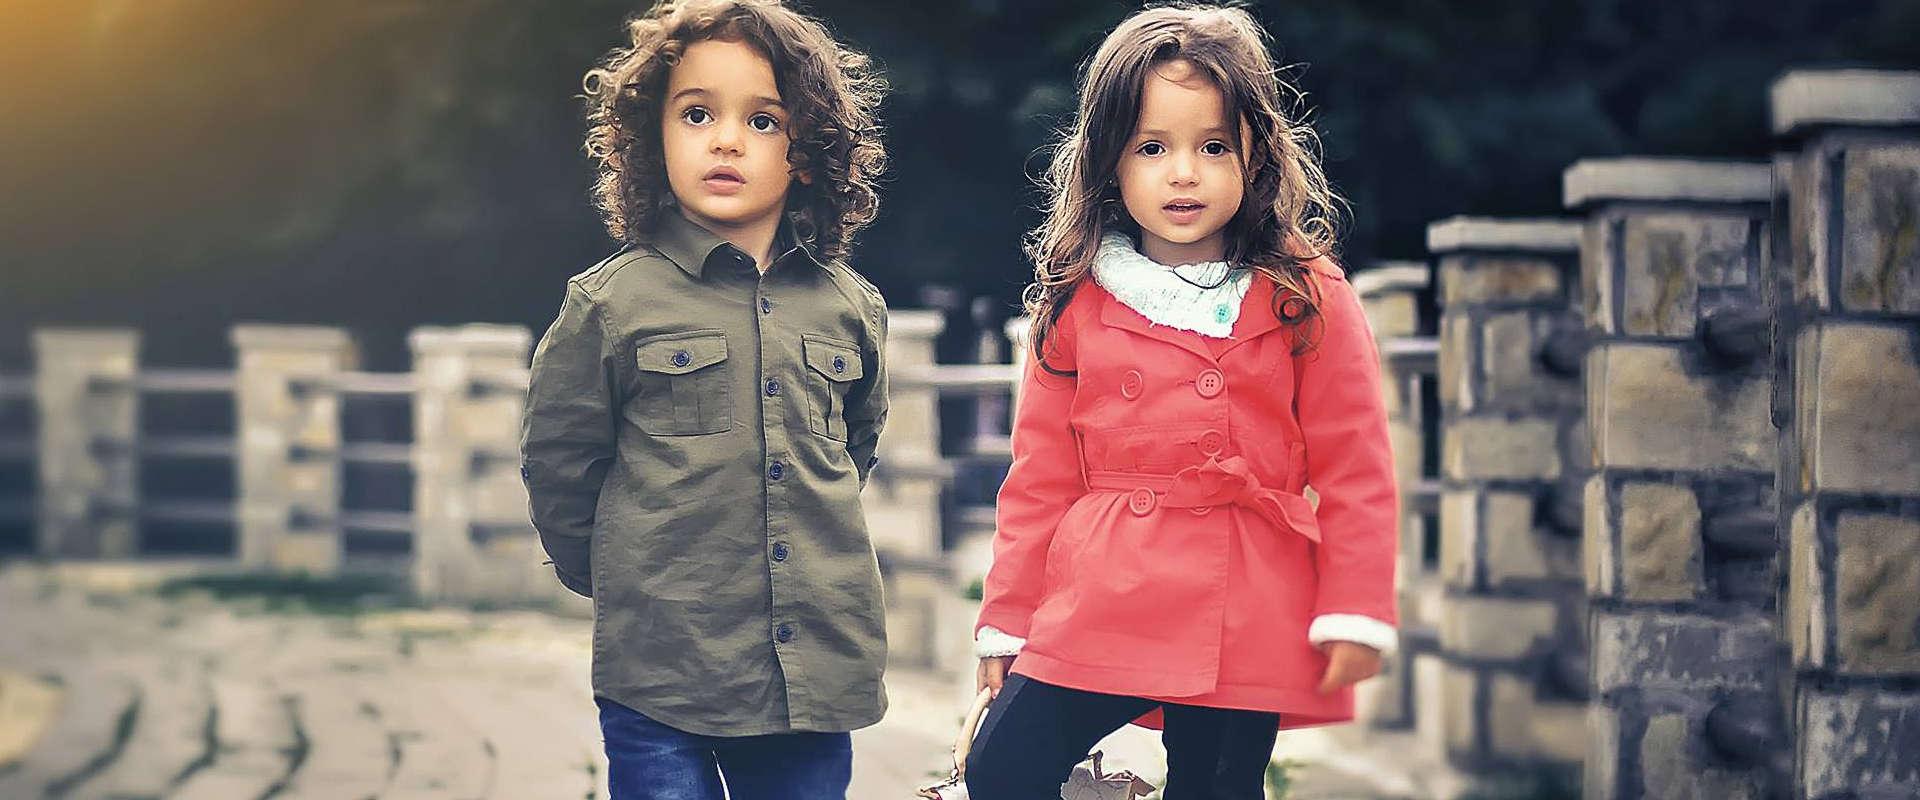 Vêtements pour enfant et accessoires